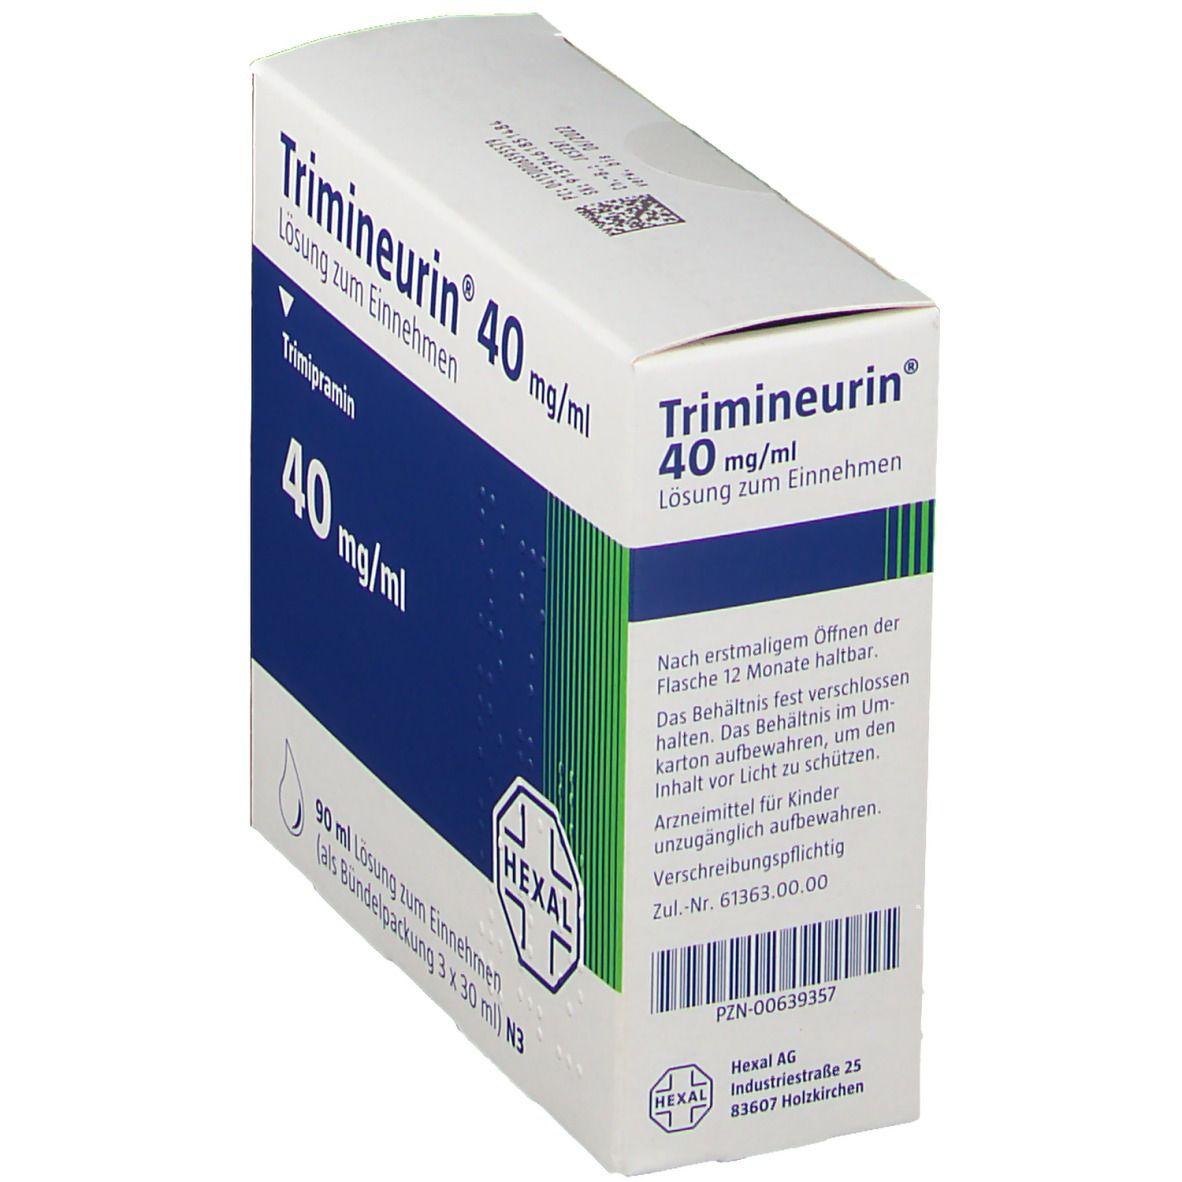 Trimineurin 40 mg/ml Lösung zum Einnehmen